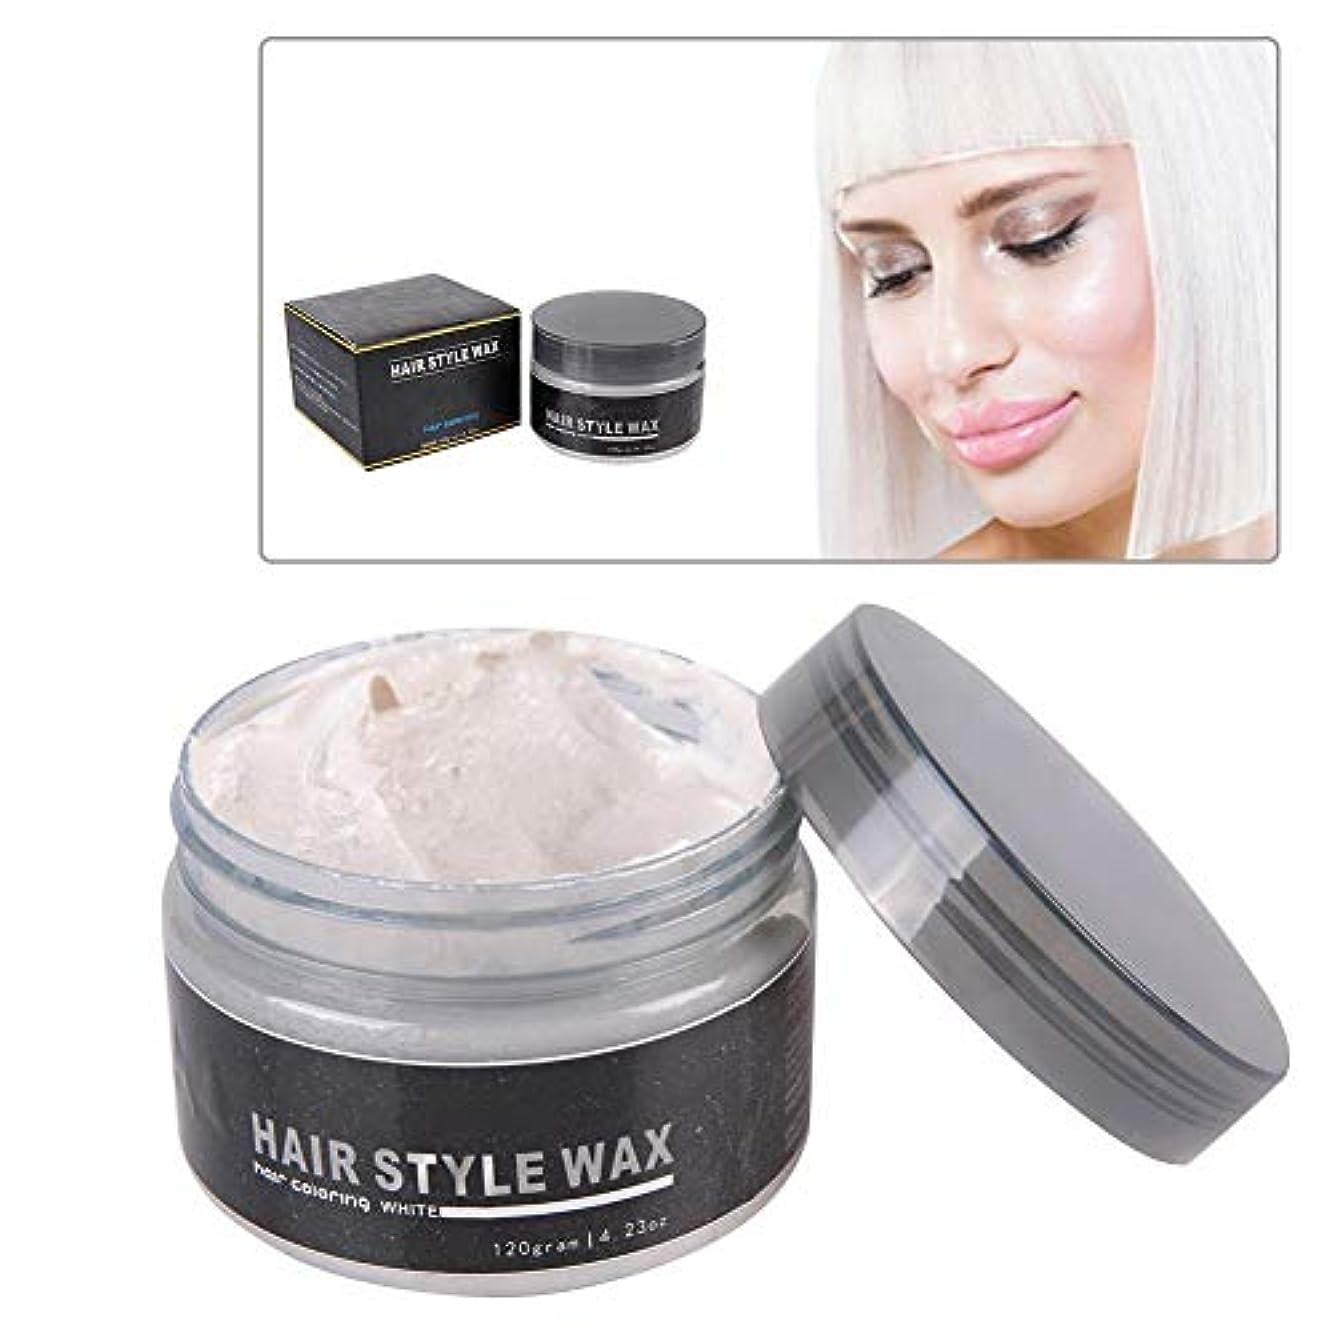 穿孔するトロリー虚栄心使い捨ての新しいヘアカラーワックス、染毛剤の着色泥のヘアスタイルモデリングクリーム120グラム(ホワイト)